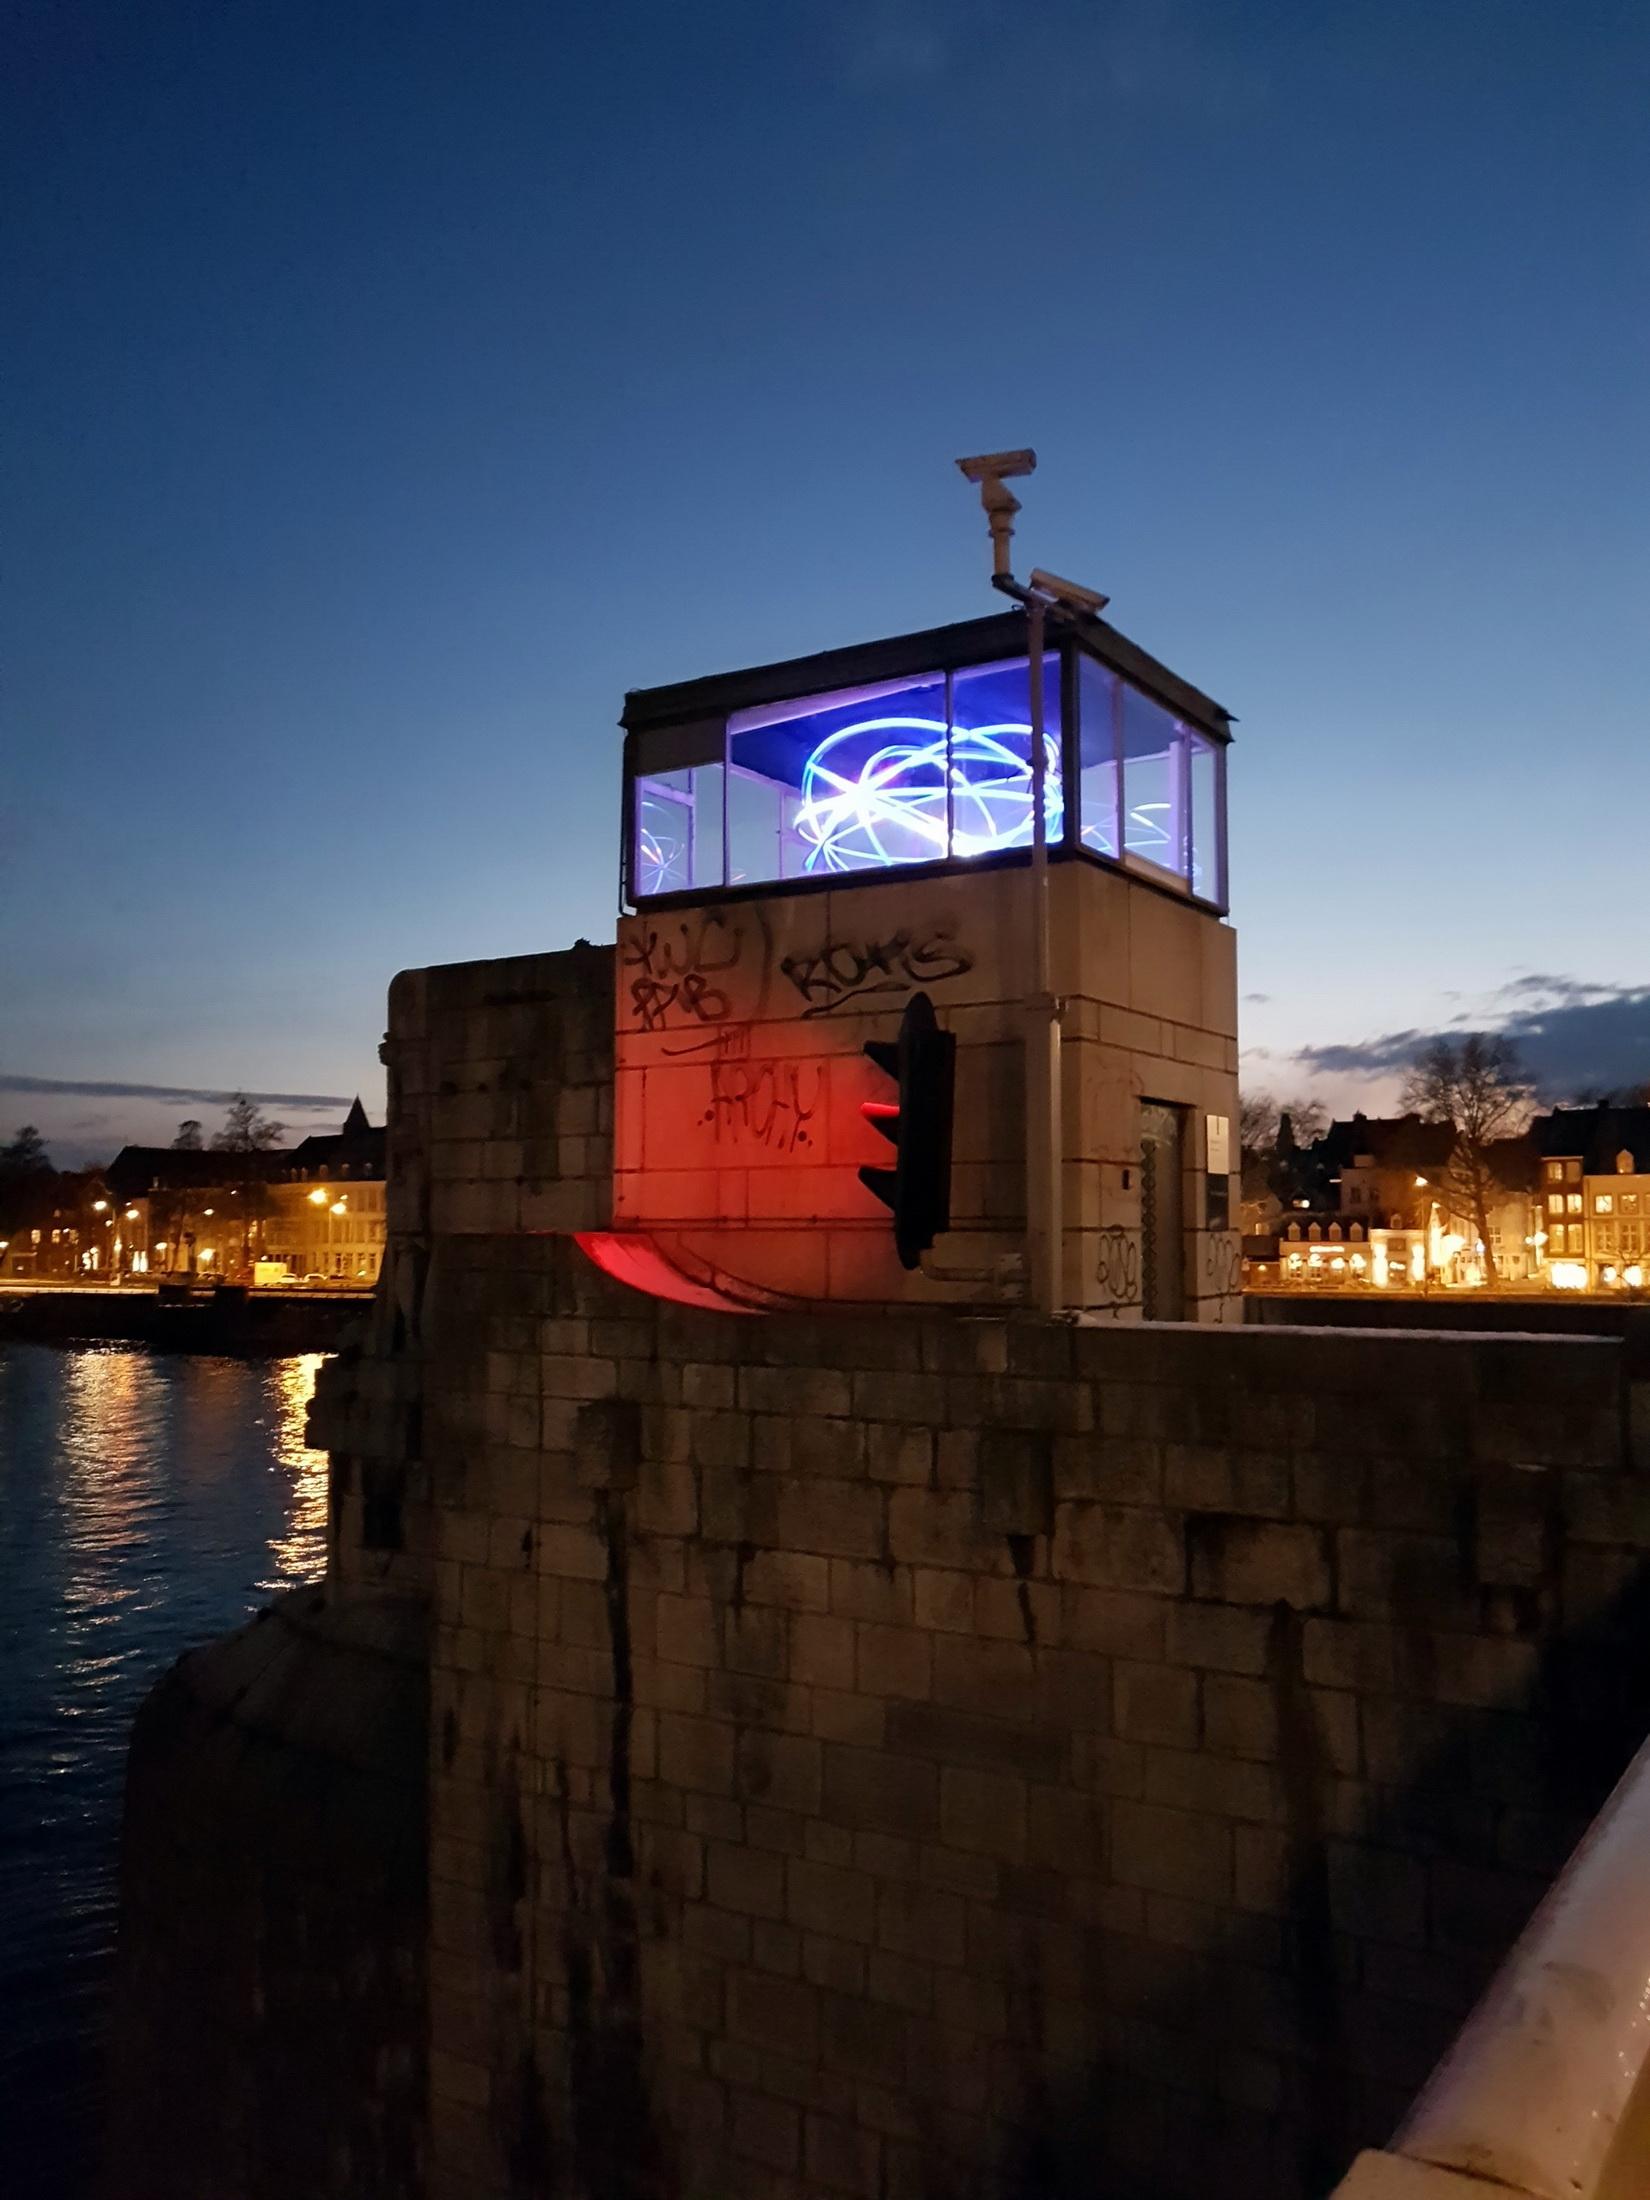 file2018 maastricht st servaasbrug verlicht brugwachtershuisjejpg